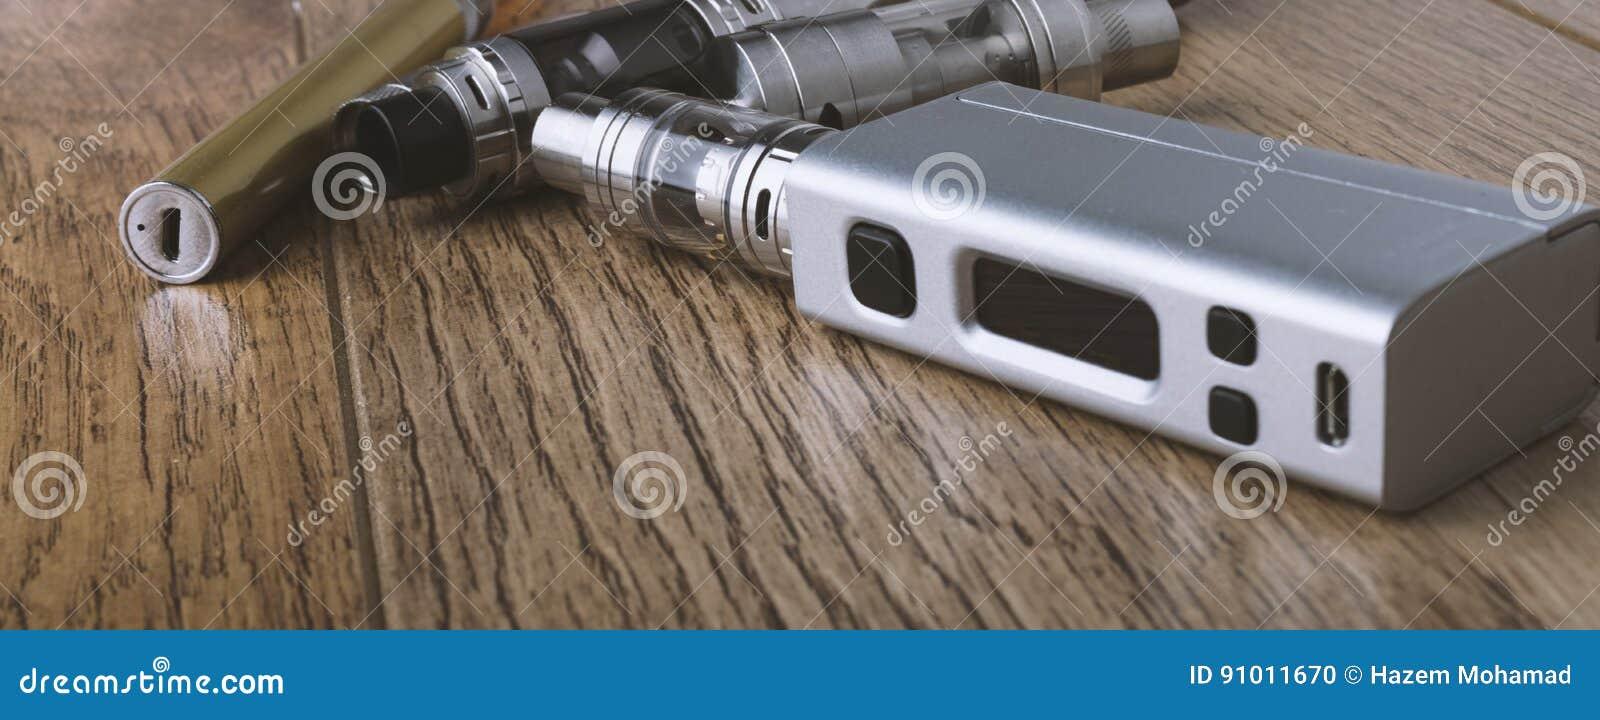 Μάνδρα Vape και vaping συσκευές, νεαροί δικυκλιστές, ψεκαστήρες, ε cig, τσιγάρο ε